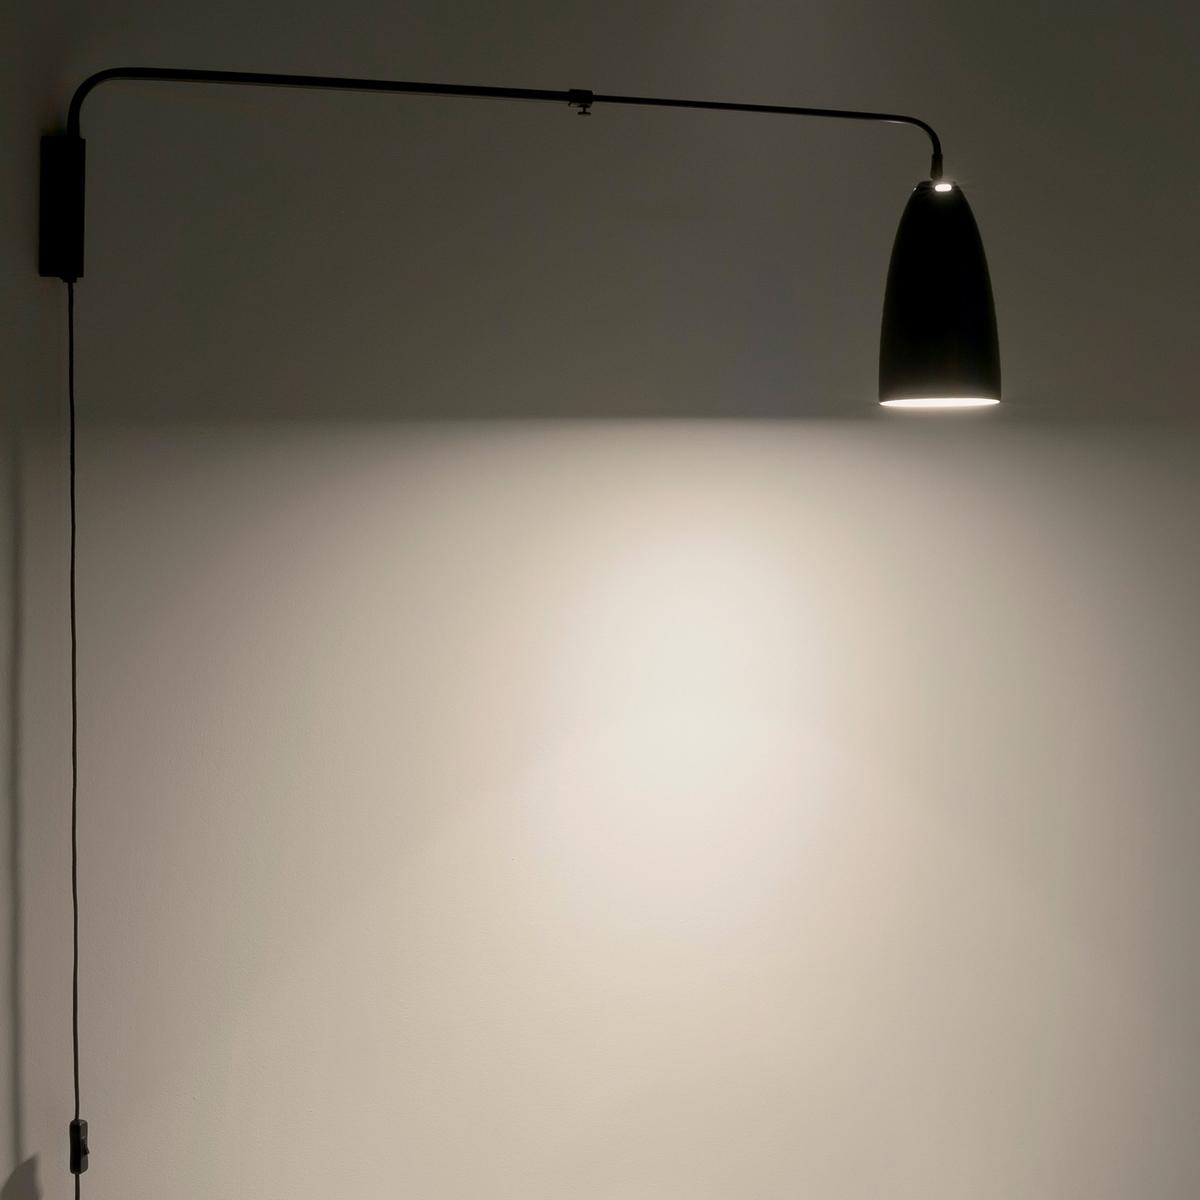 Светильник телескопический GizelСветильник телескопический  Gizel. Элегантные изогнутые линии из черного металла с деталями, окрашенными под латунь.Характеристики : - Регулируемый абажур- Патрон E27 для флюокомпактной лампочки 15W (не входит в комплект).- Кабель с покрытием из черного текстиля.- Совместима с лампочками электрического класса  A. Размеры : - Выс32 x Глубина мин. 1м, глубина макс. 1,50 м .- Абажур : ?14 x Выс25 см<br><br>Цвет: черный